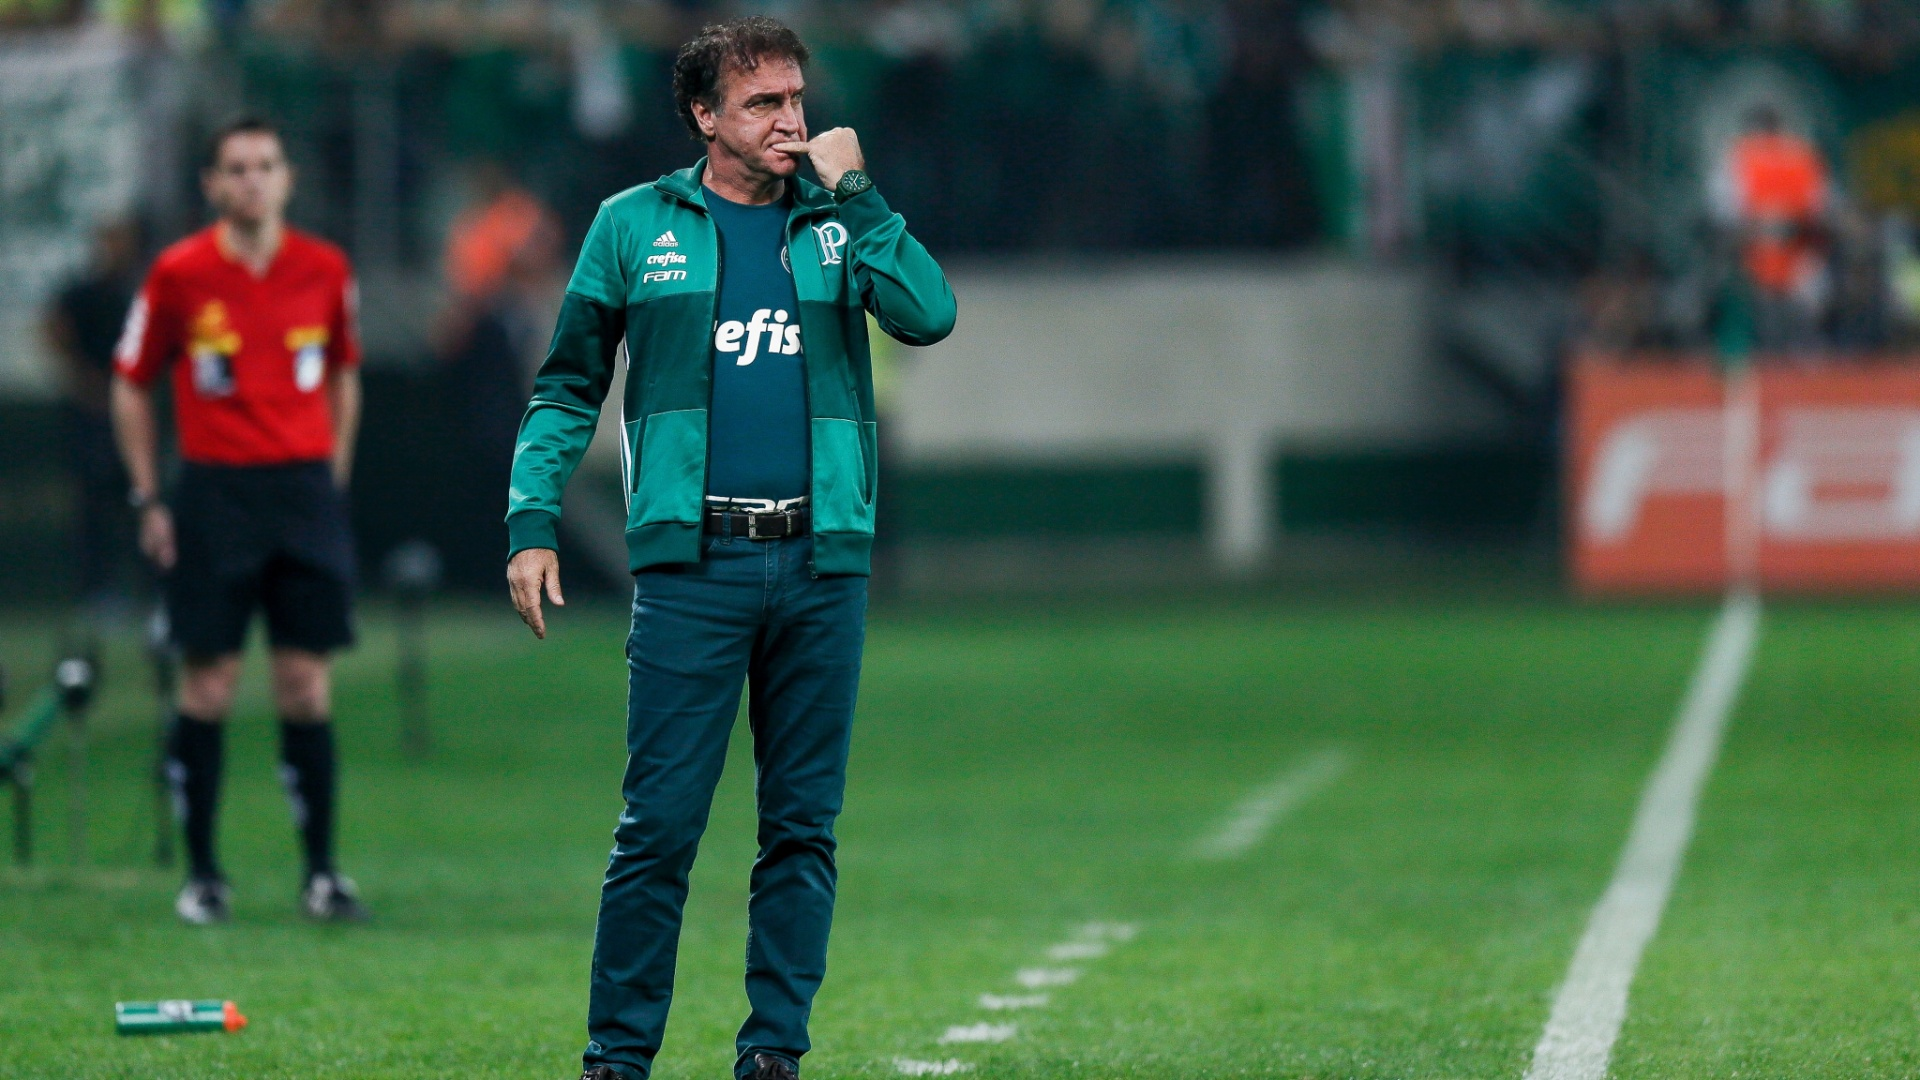 Cuca roe unha durante a partida entre Palmeiras e Santos